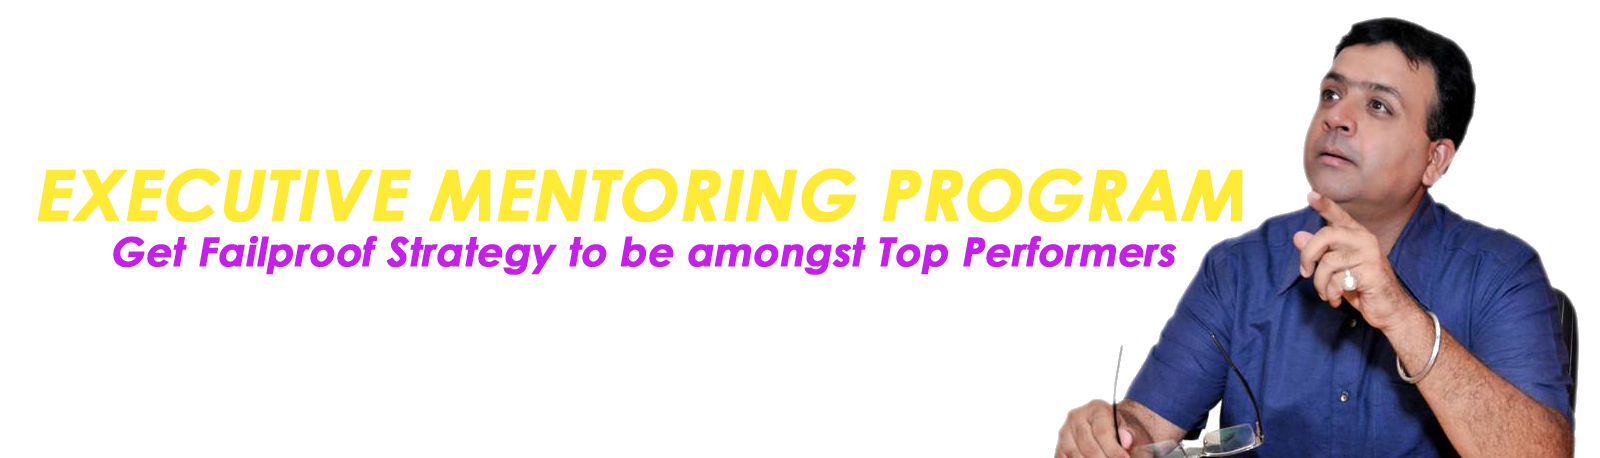 Inner Banner Mentoring 1